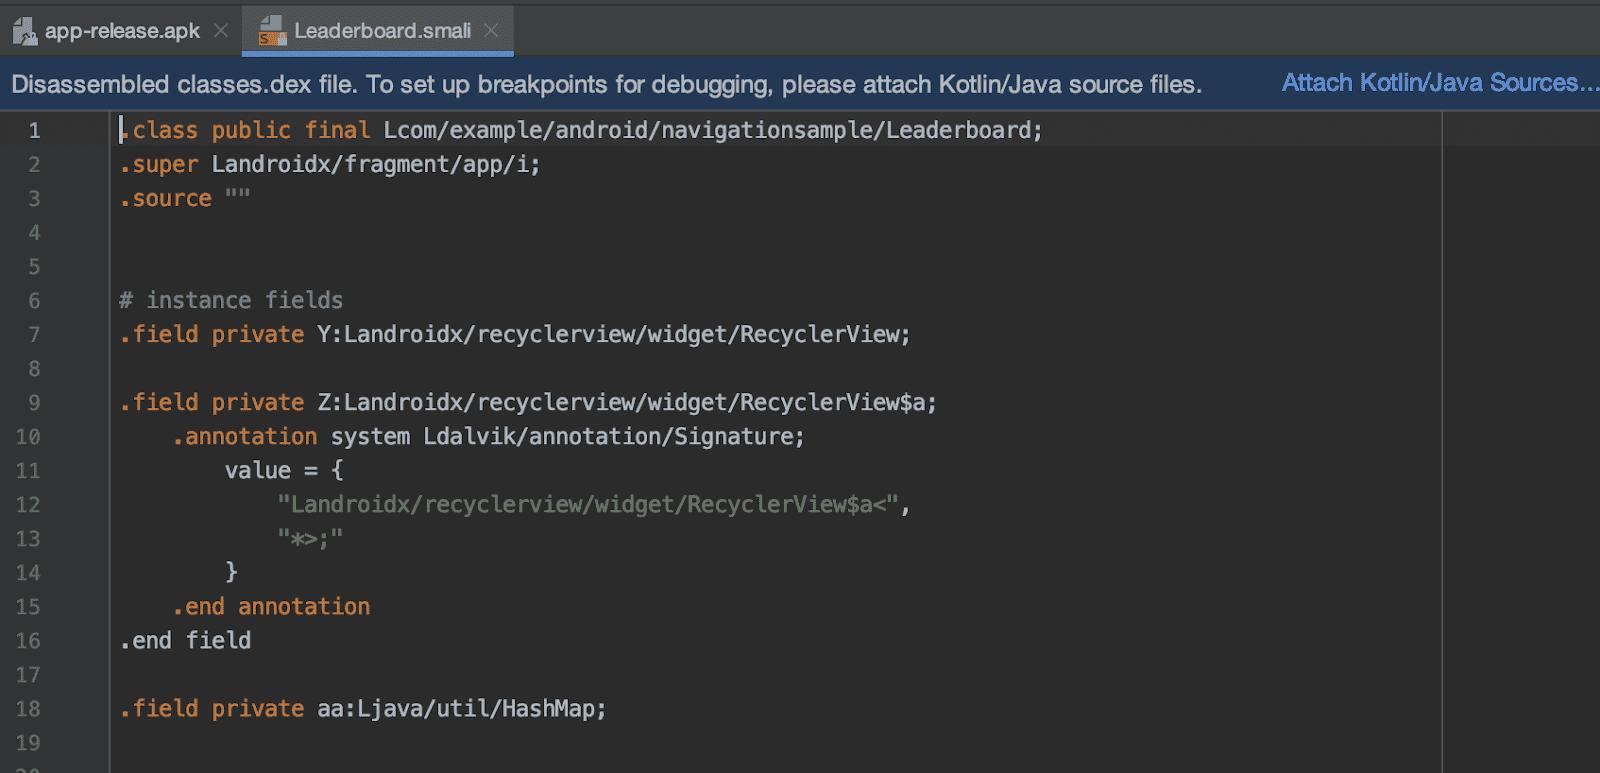 将 Kotlin/Java 源代码附加到导入的 APKs